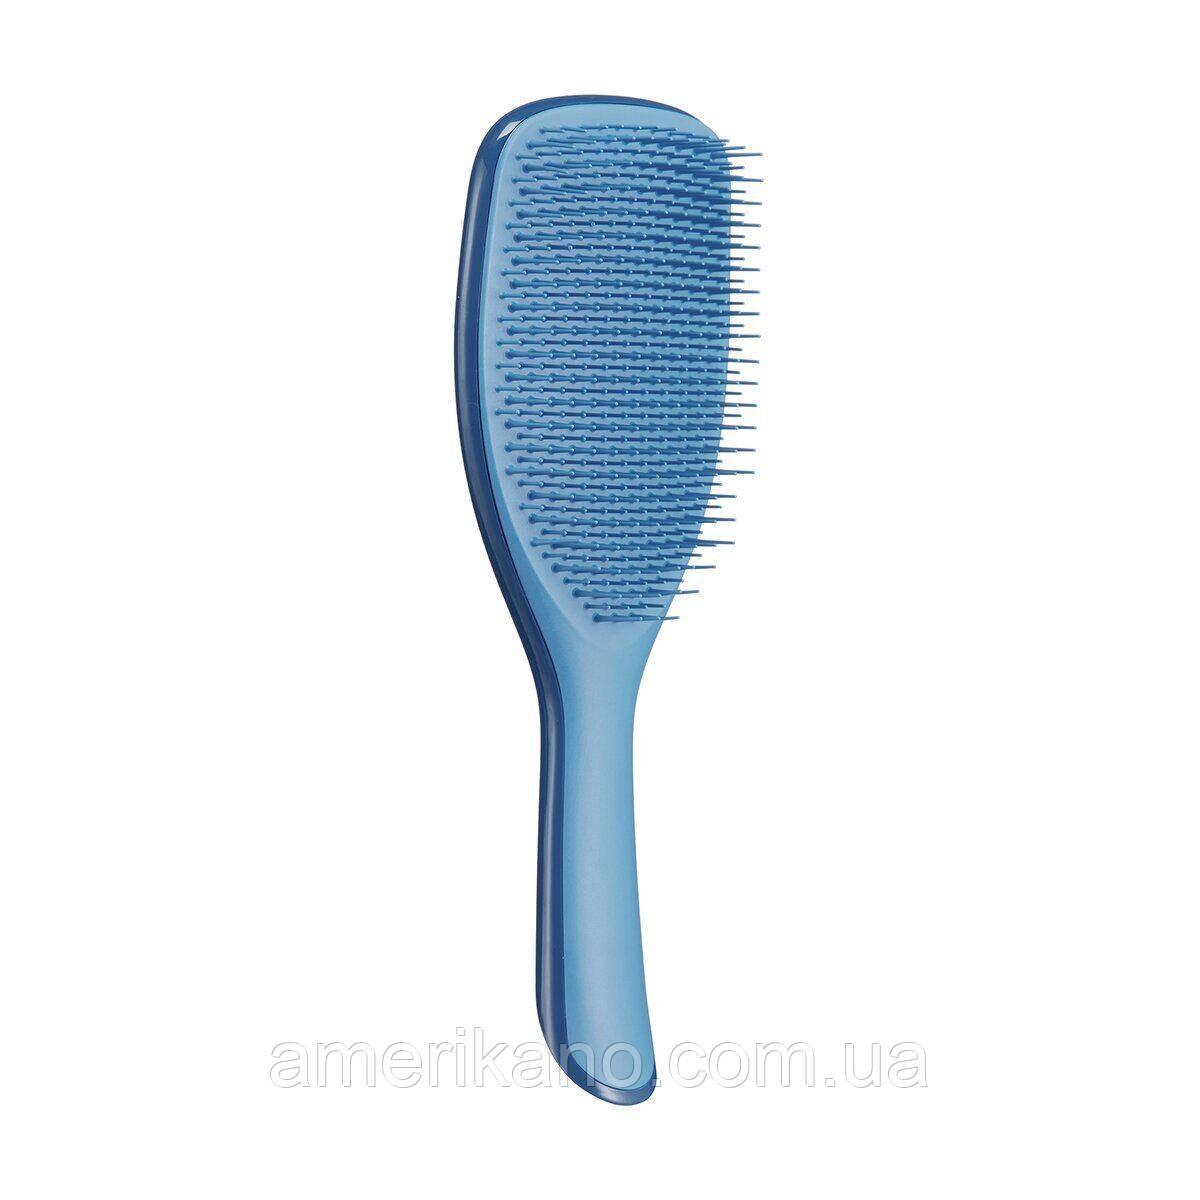 Расческа увеличенная для волос Tangle Teezer The Wet Detangler Large с ручкой Capri Blaze